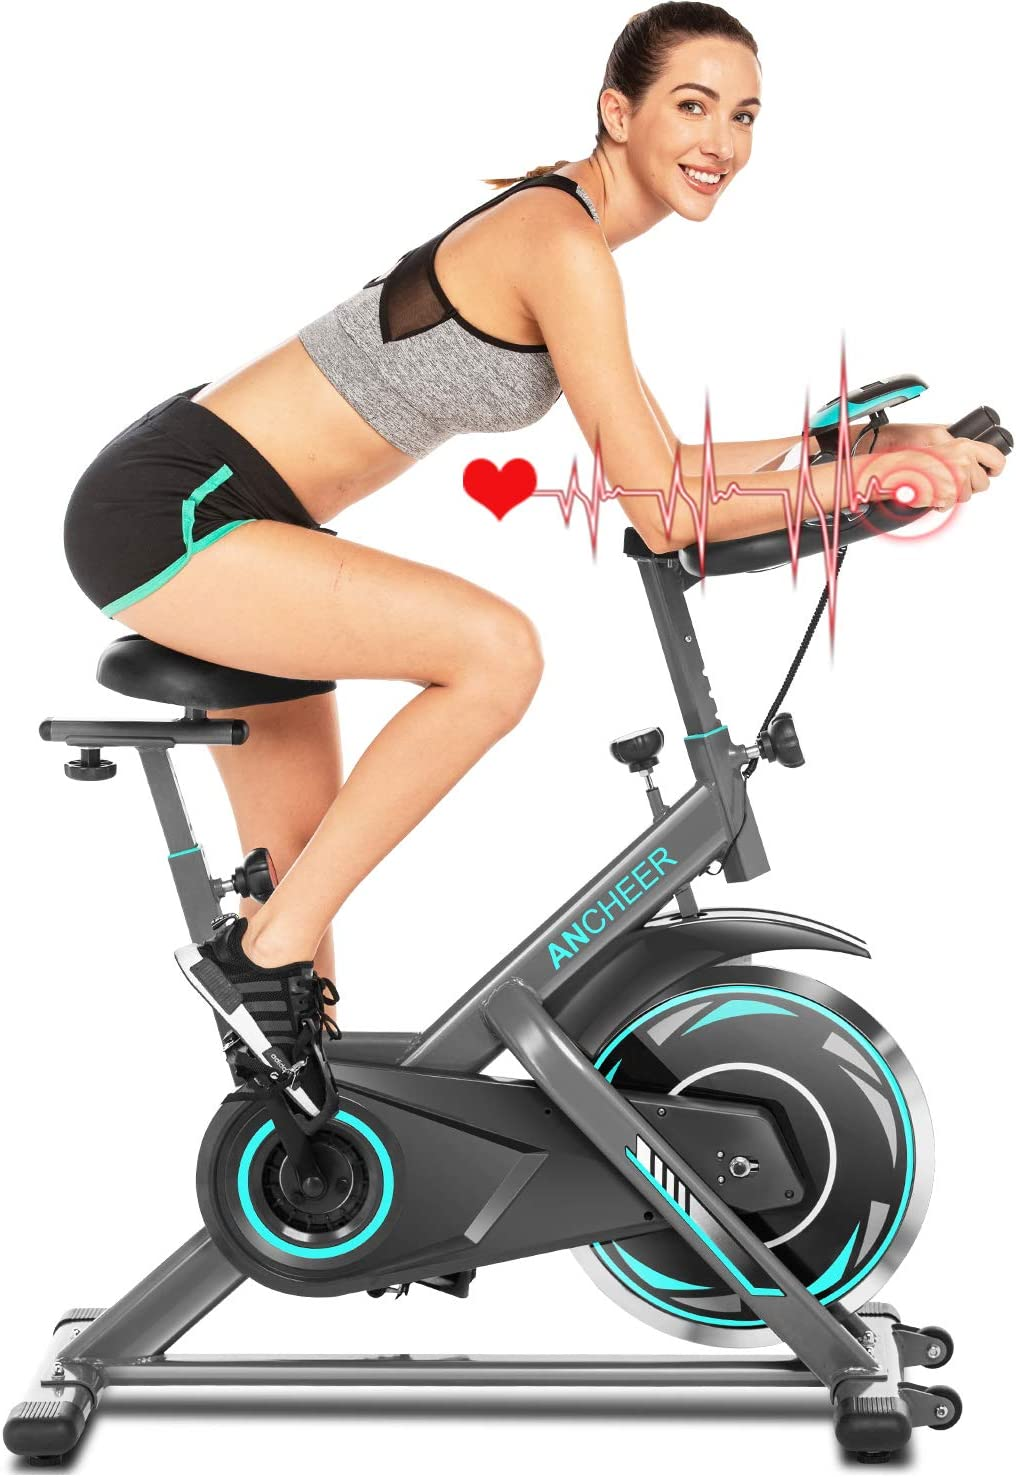 Ancheer Bicicleta de Spinning Bicicleta de Fitness de Volante de Inercia de 18kg Bicicletas de Ciclo Indoor con App Conectable Resistencia Ajustable y Monitor LCD para Ejercicio en el Hogar